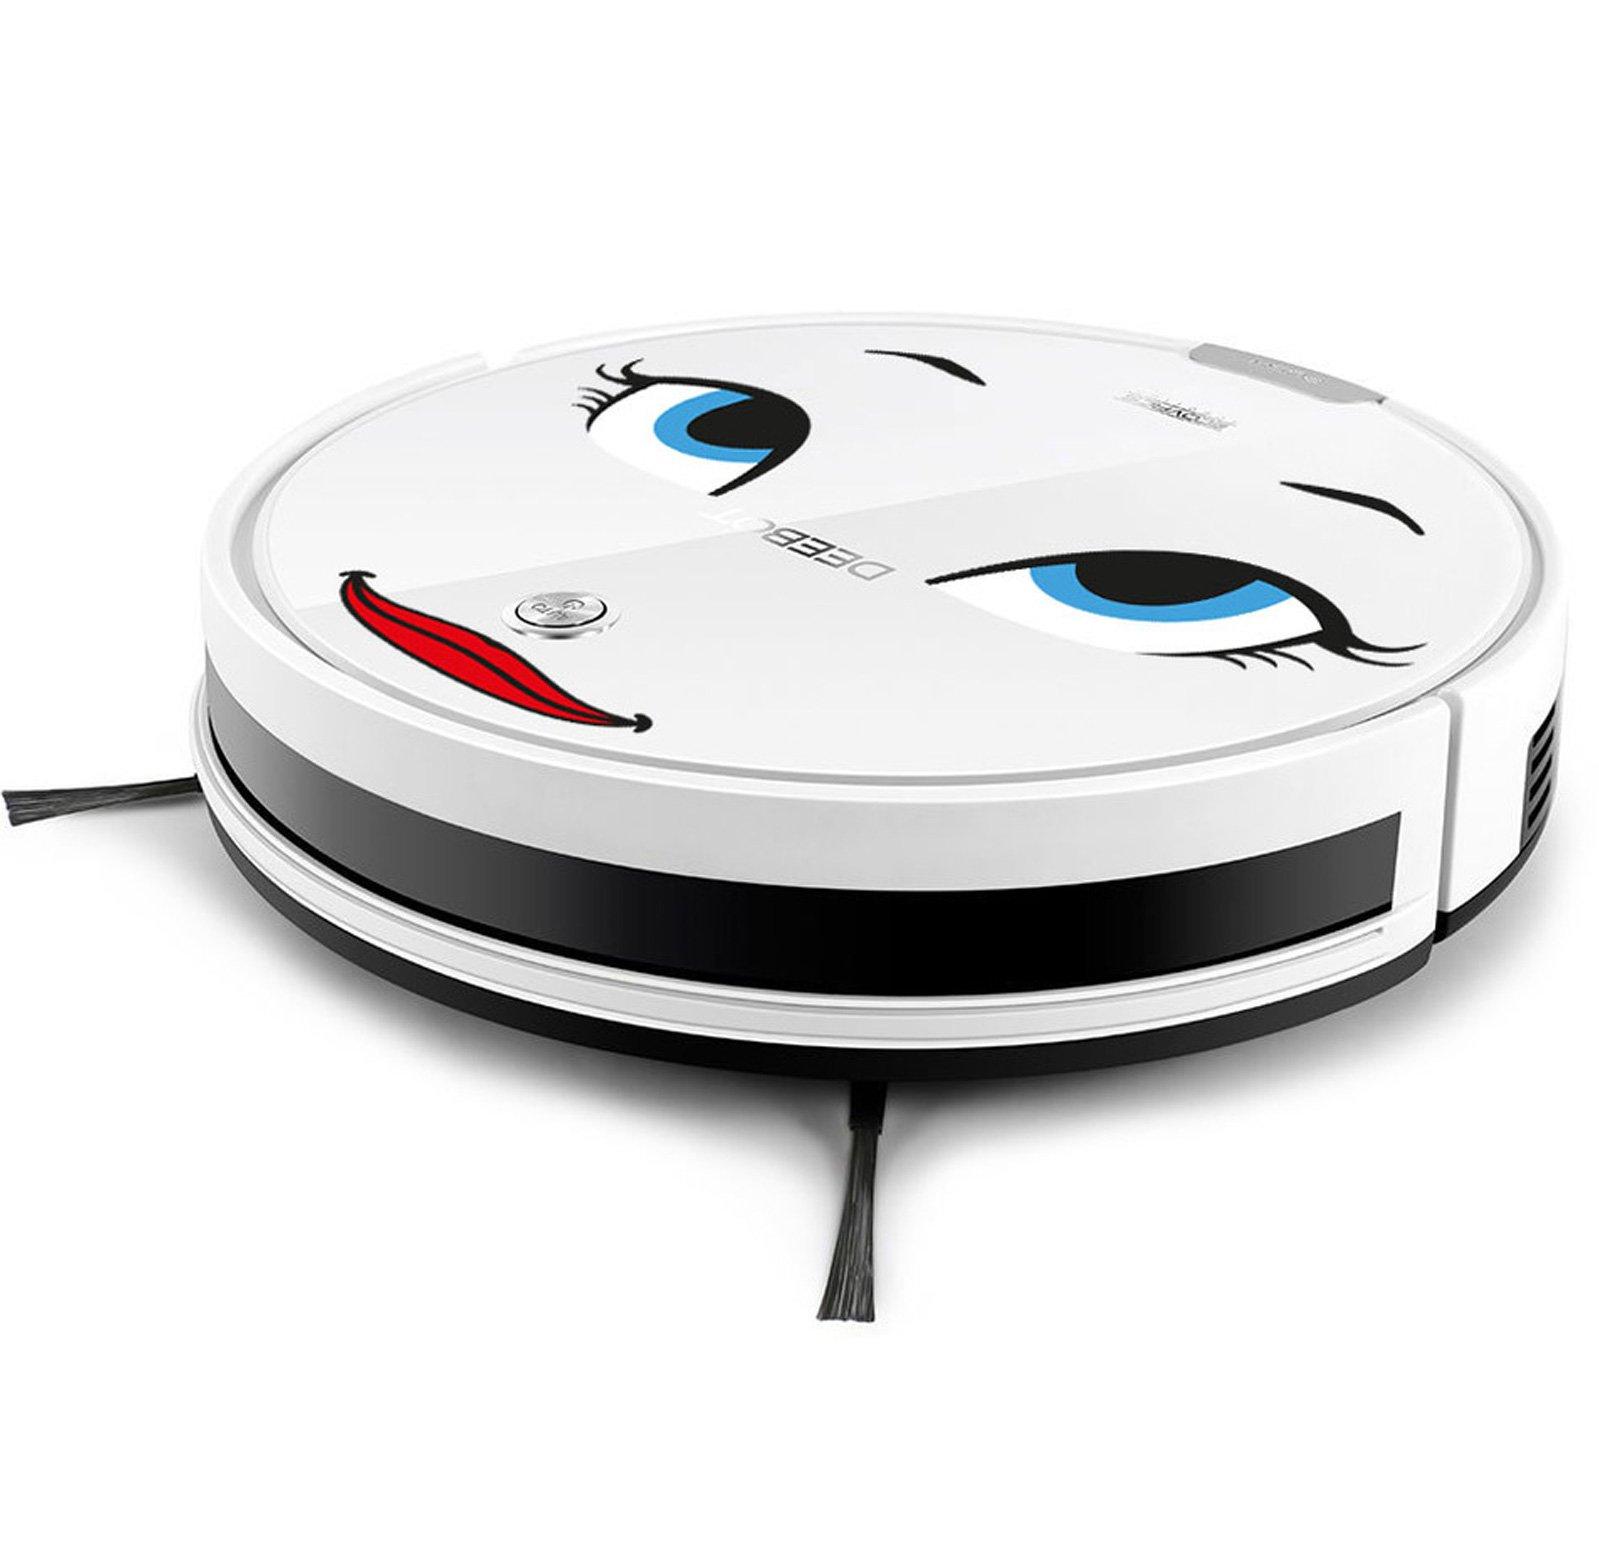 Pegatinas para el Ecovacs Deebot dm82 Robot aspirador: Amazon.es ...